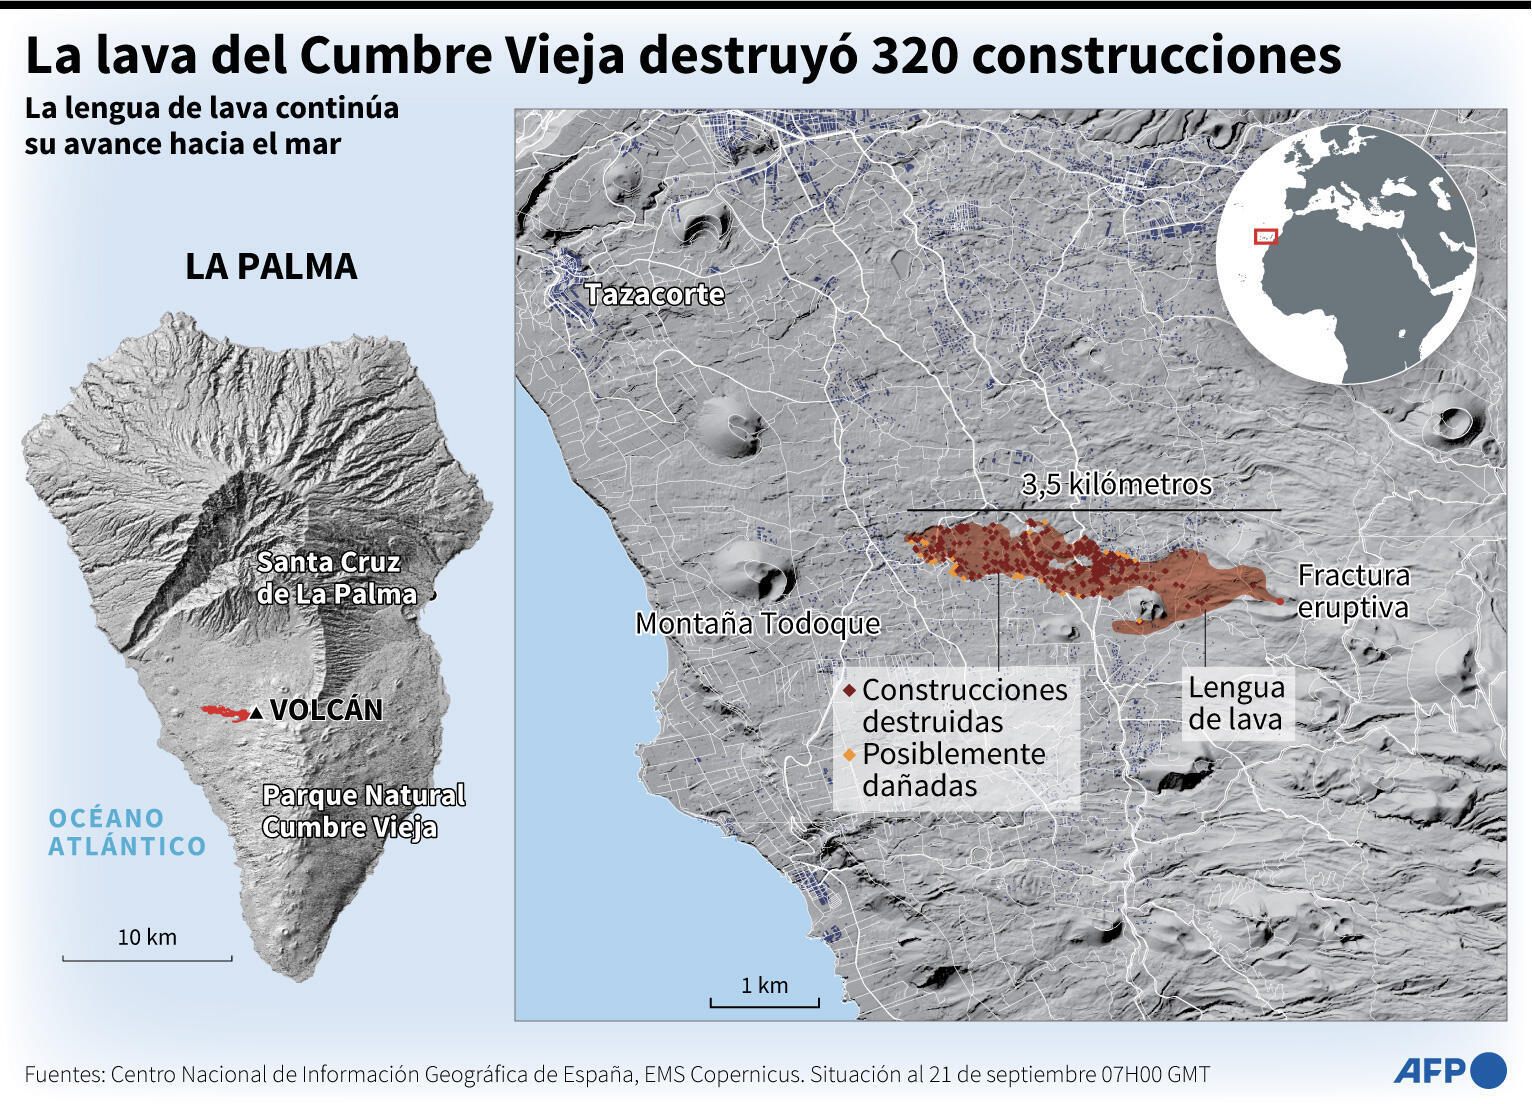 Mapa de la isla de La Palma destacando la lengua de lava que desprendió el volcán Cumbre Vieja, que destruyó 320 construcciones y sigue su avance hacia el mar